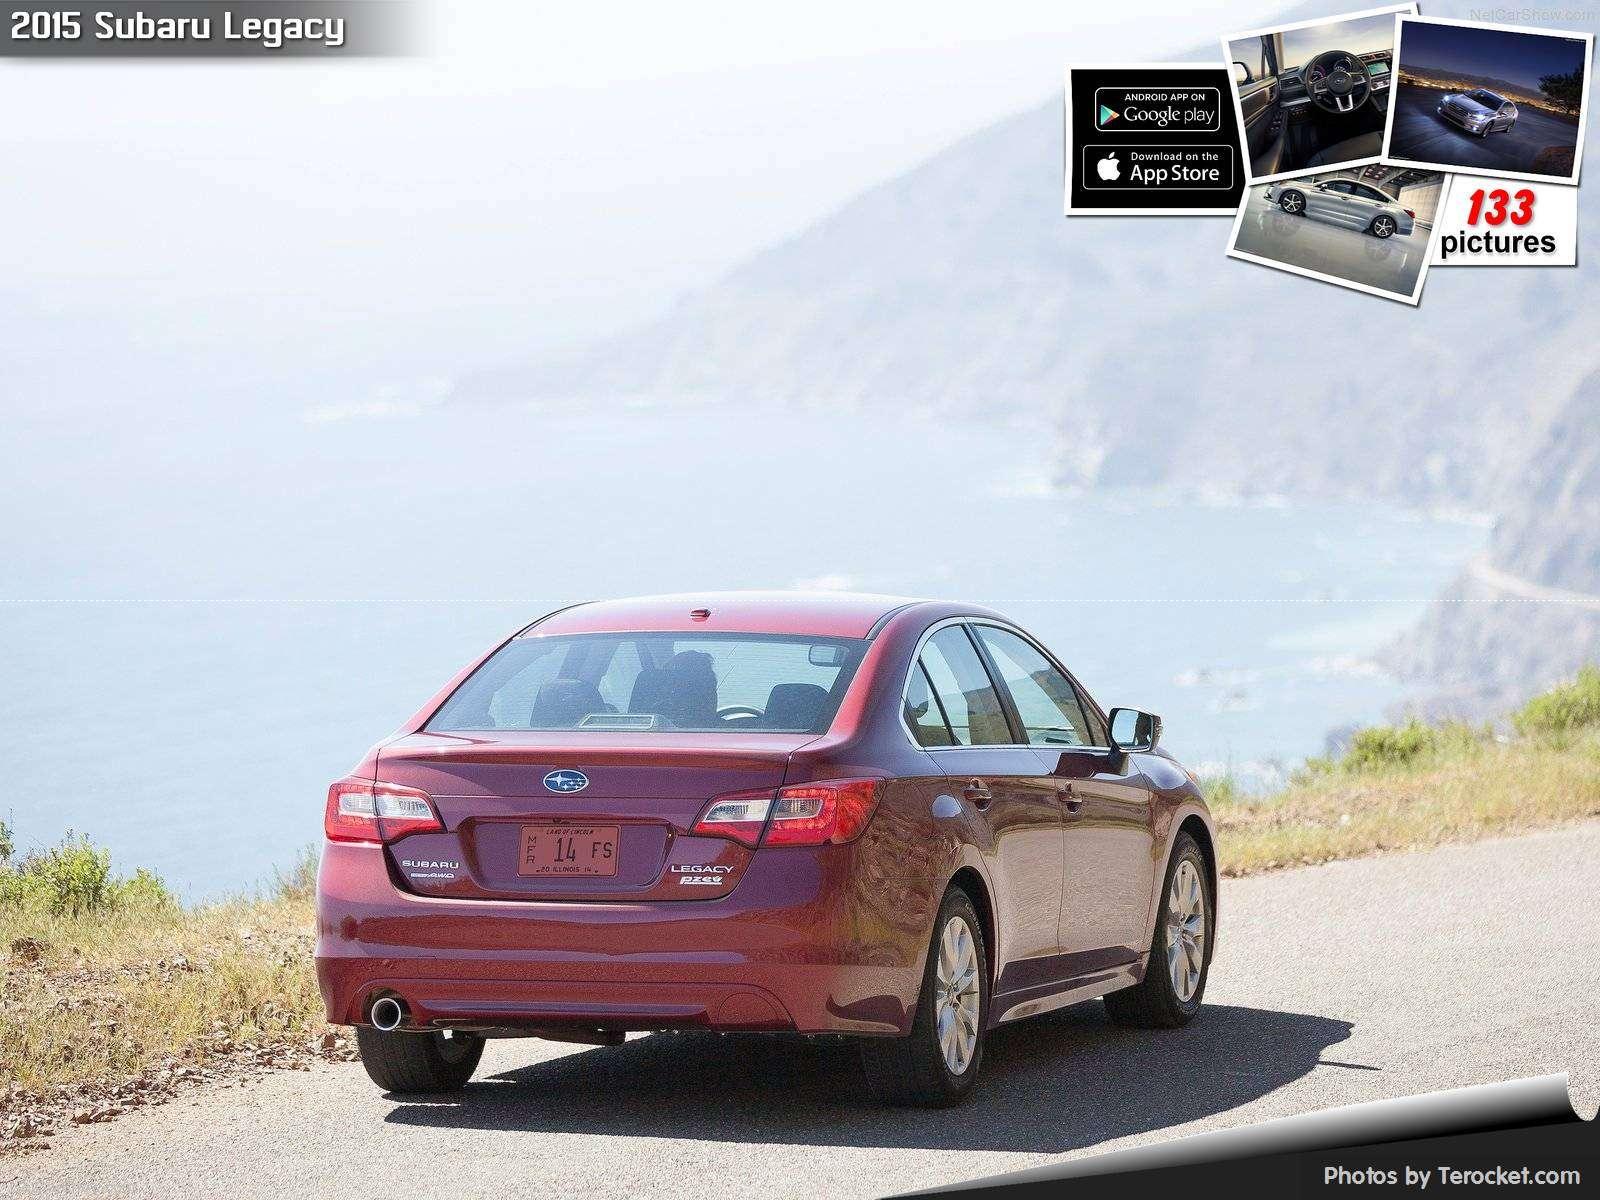 Hình ảnh xe ô tô Subaru Legacy 2015 & nội ngoại thất